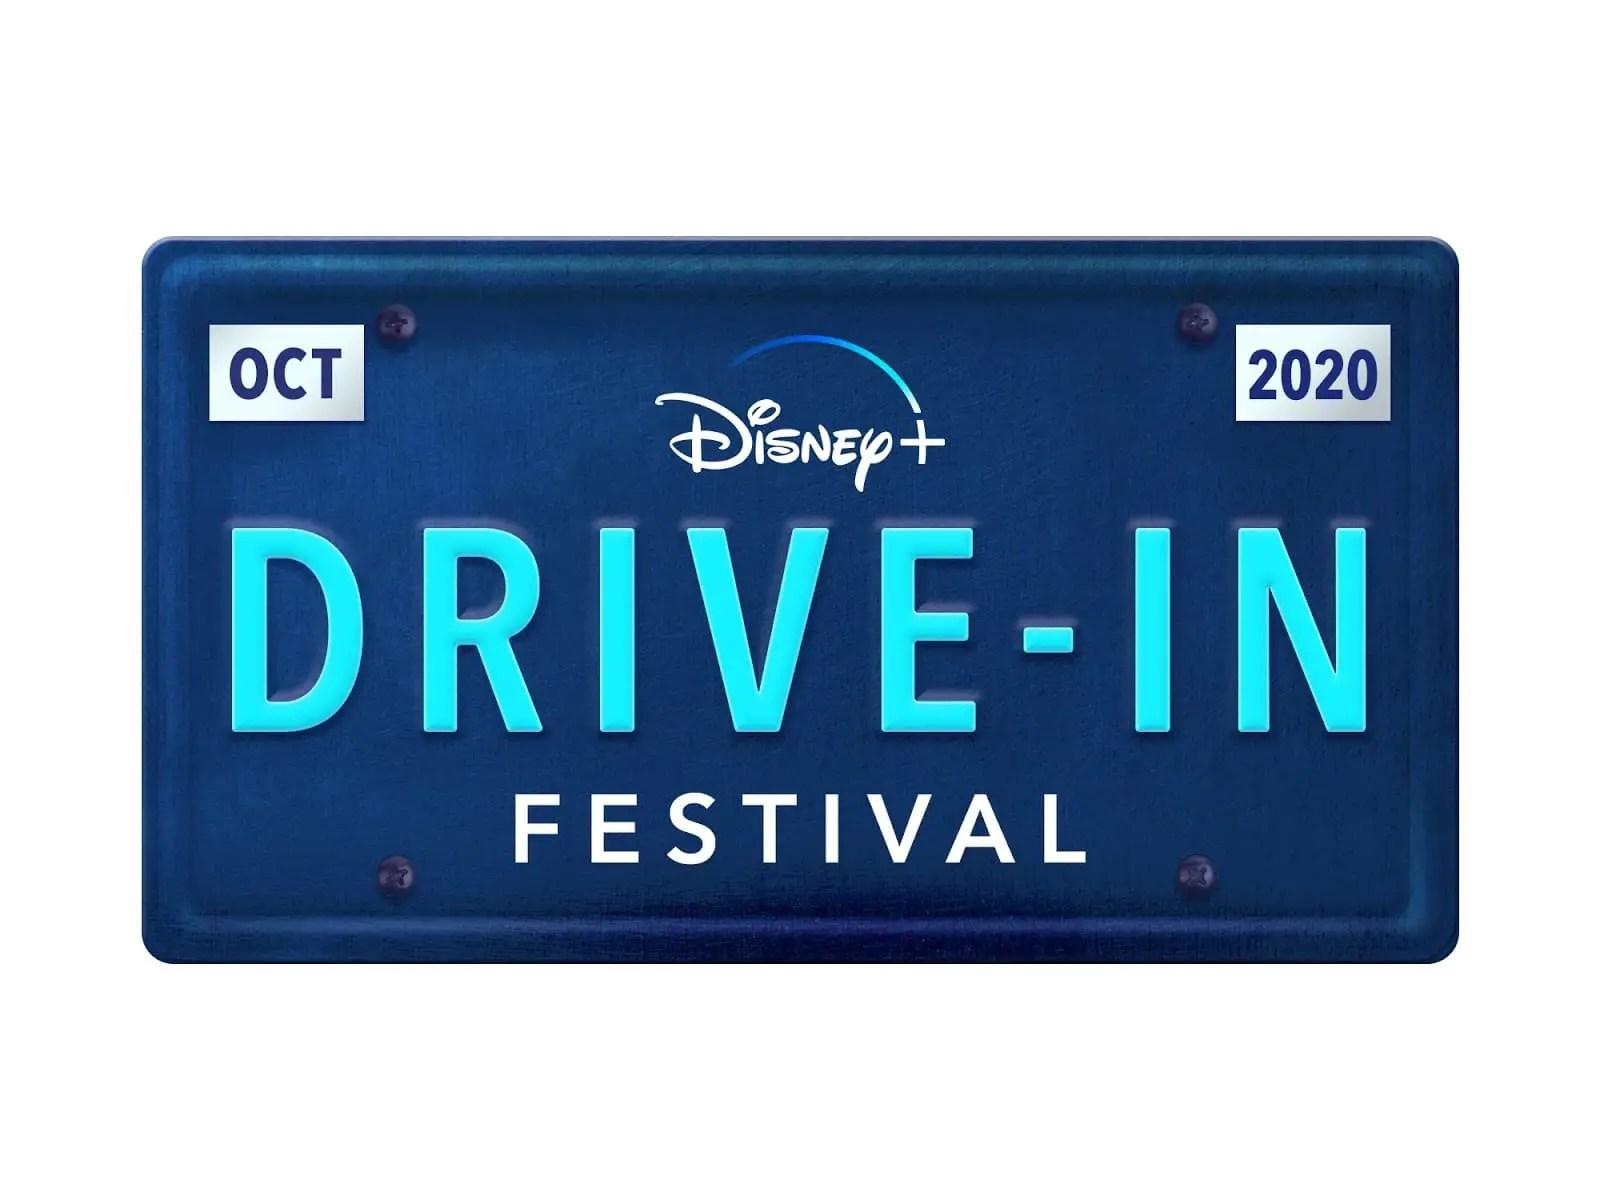 Disney+ Drive-In Festival Coming to Santa Monica, California in October